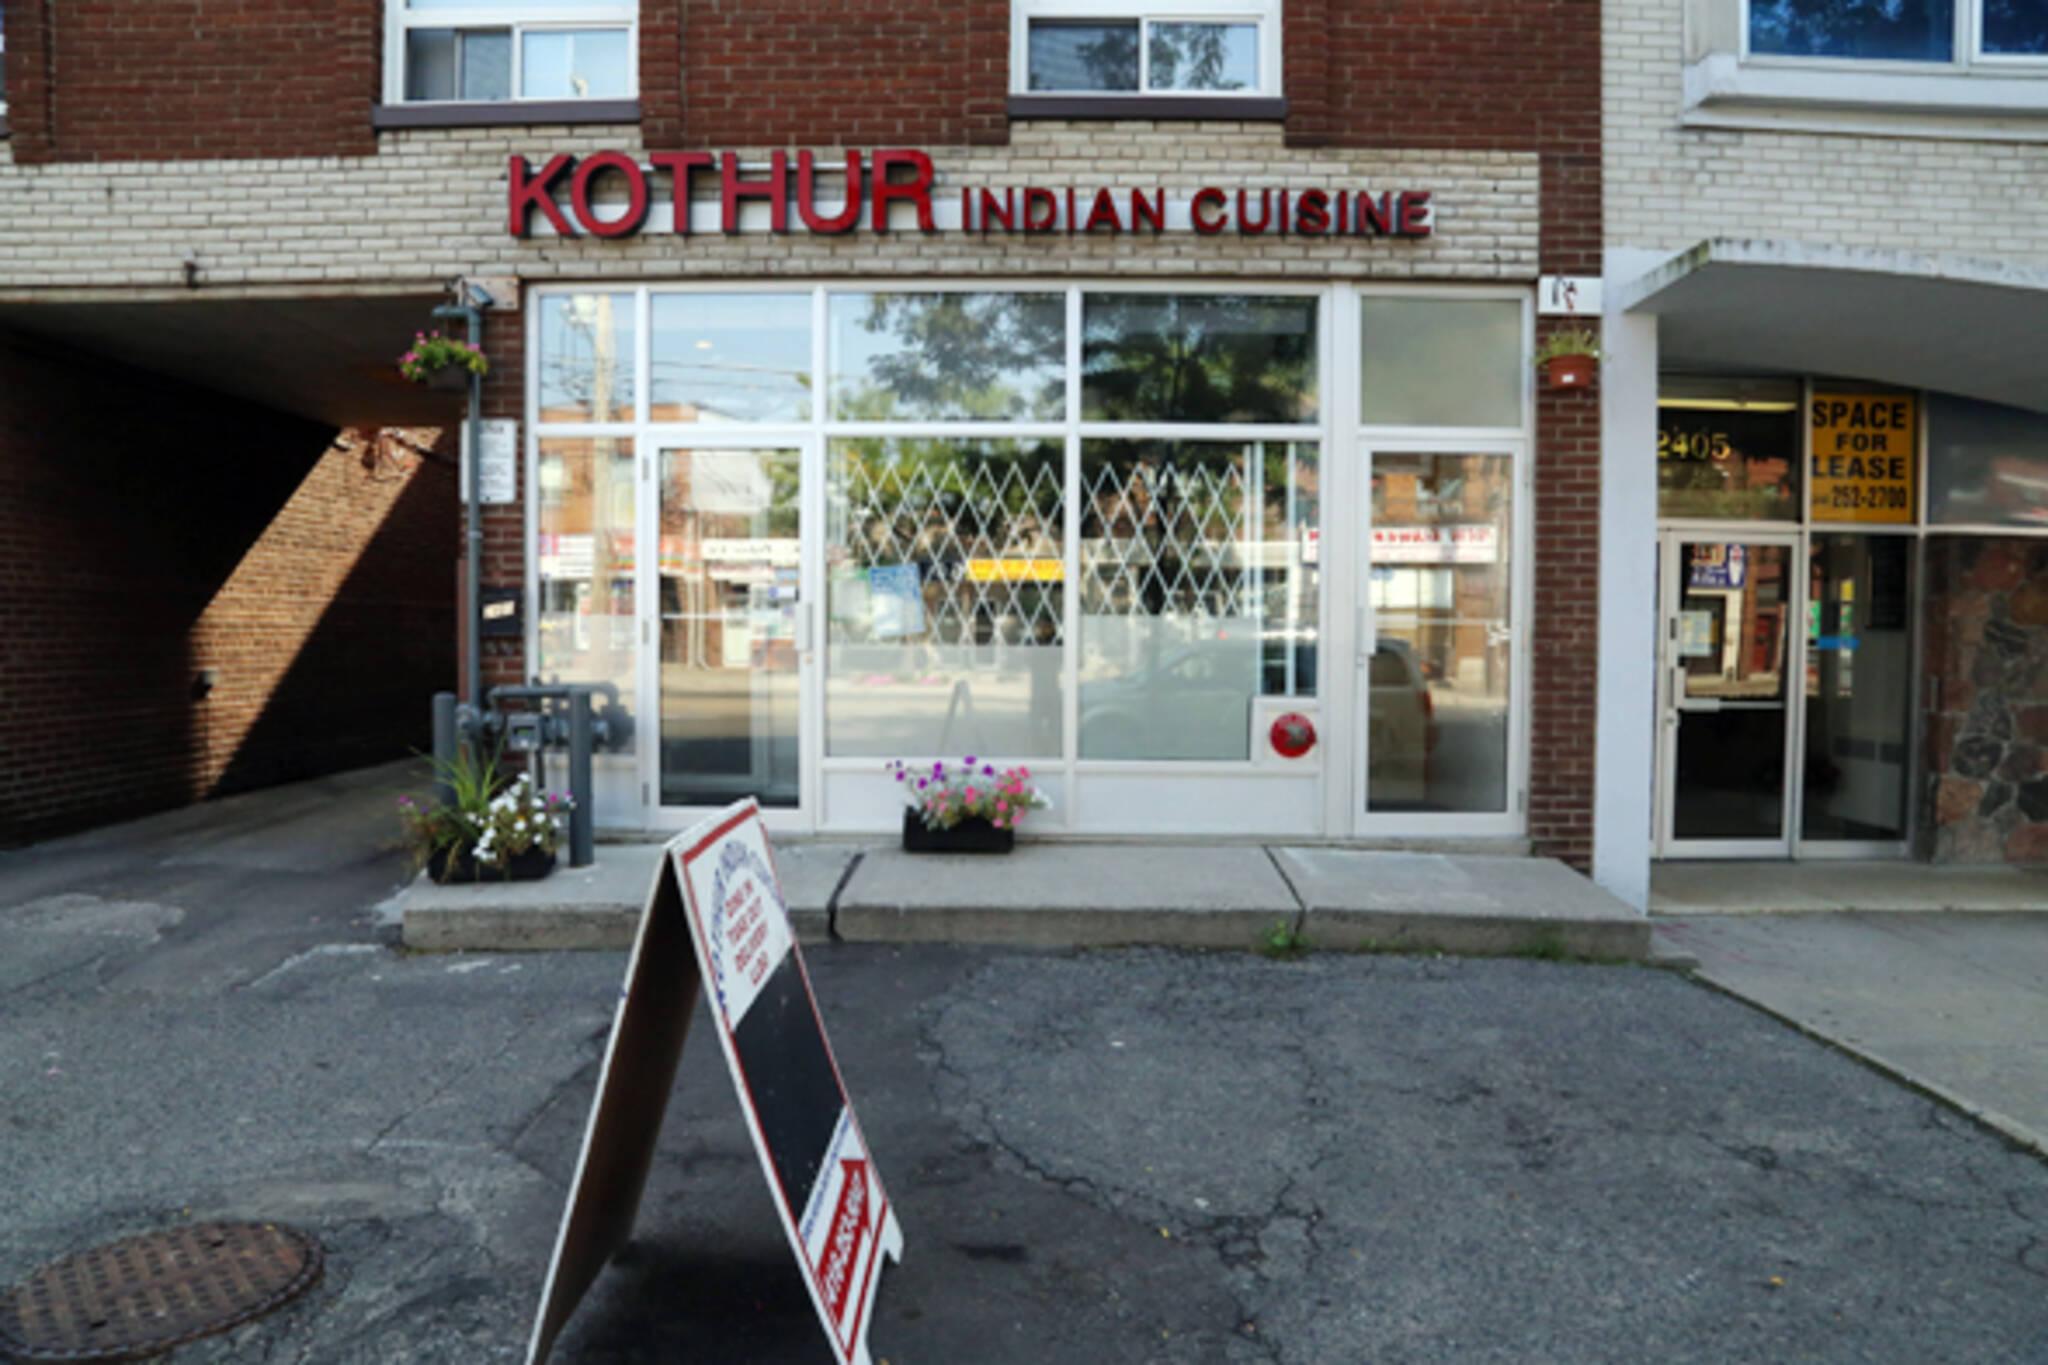 Kothur Indian Cuisine